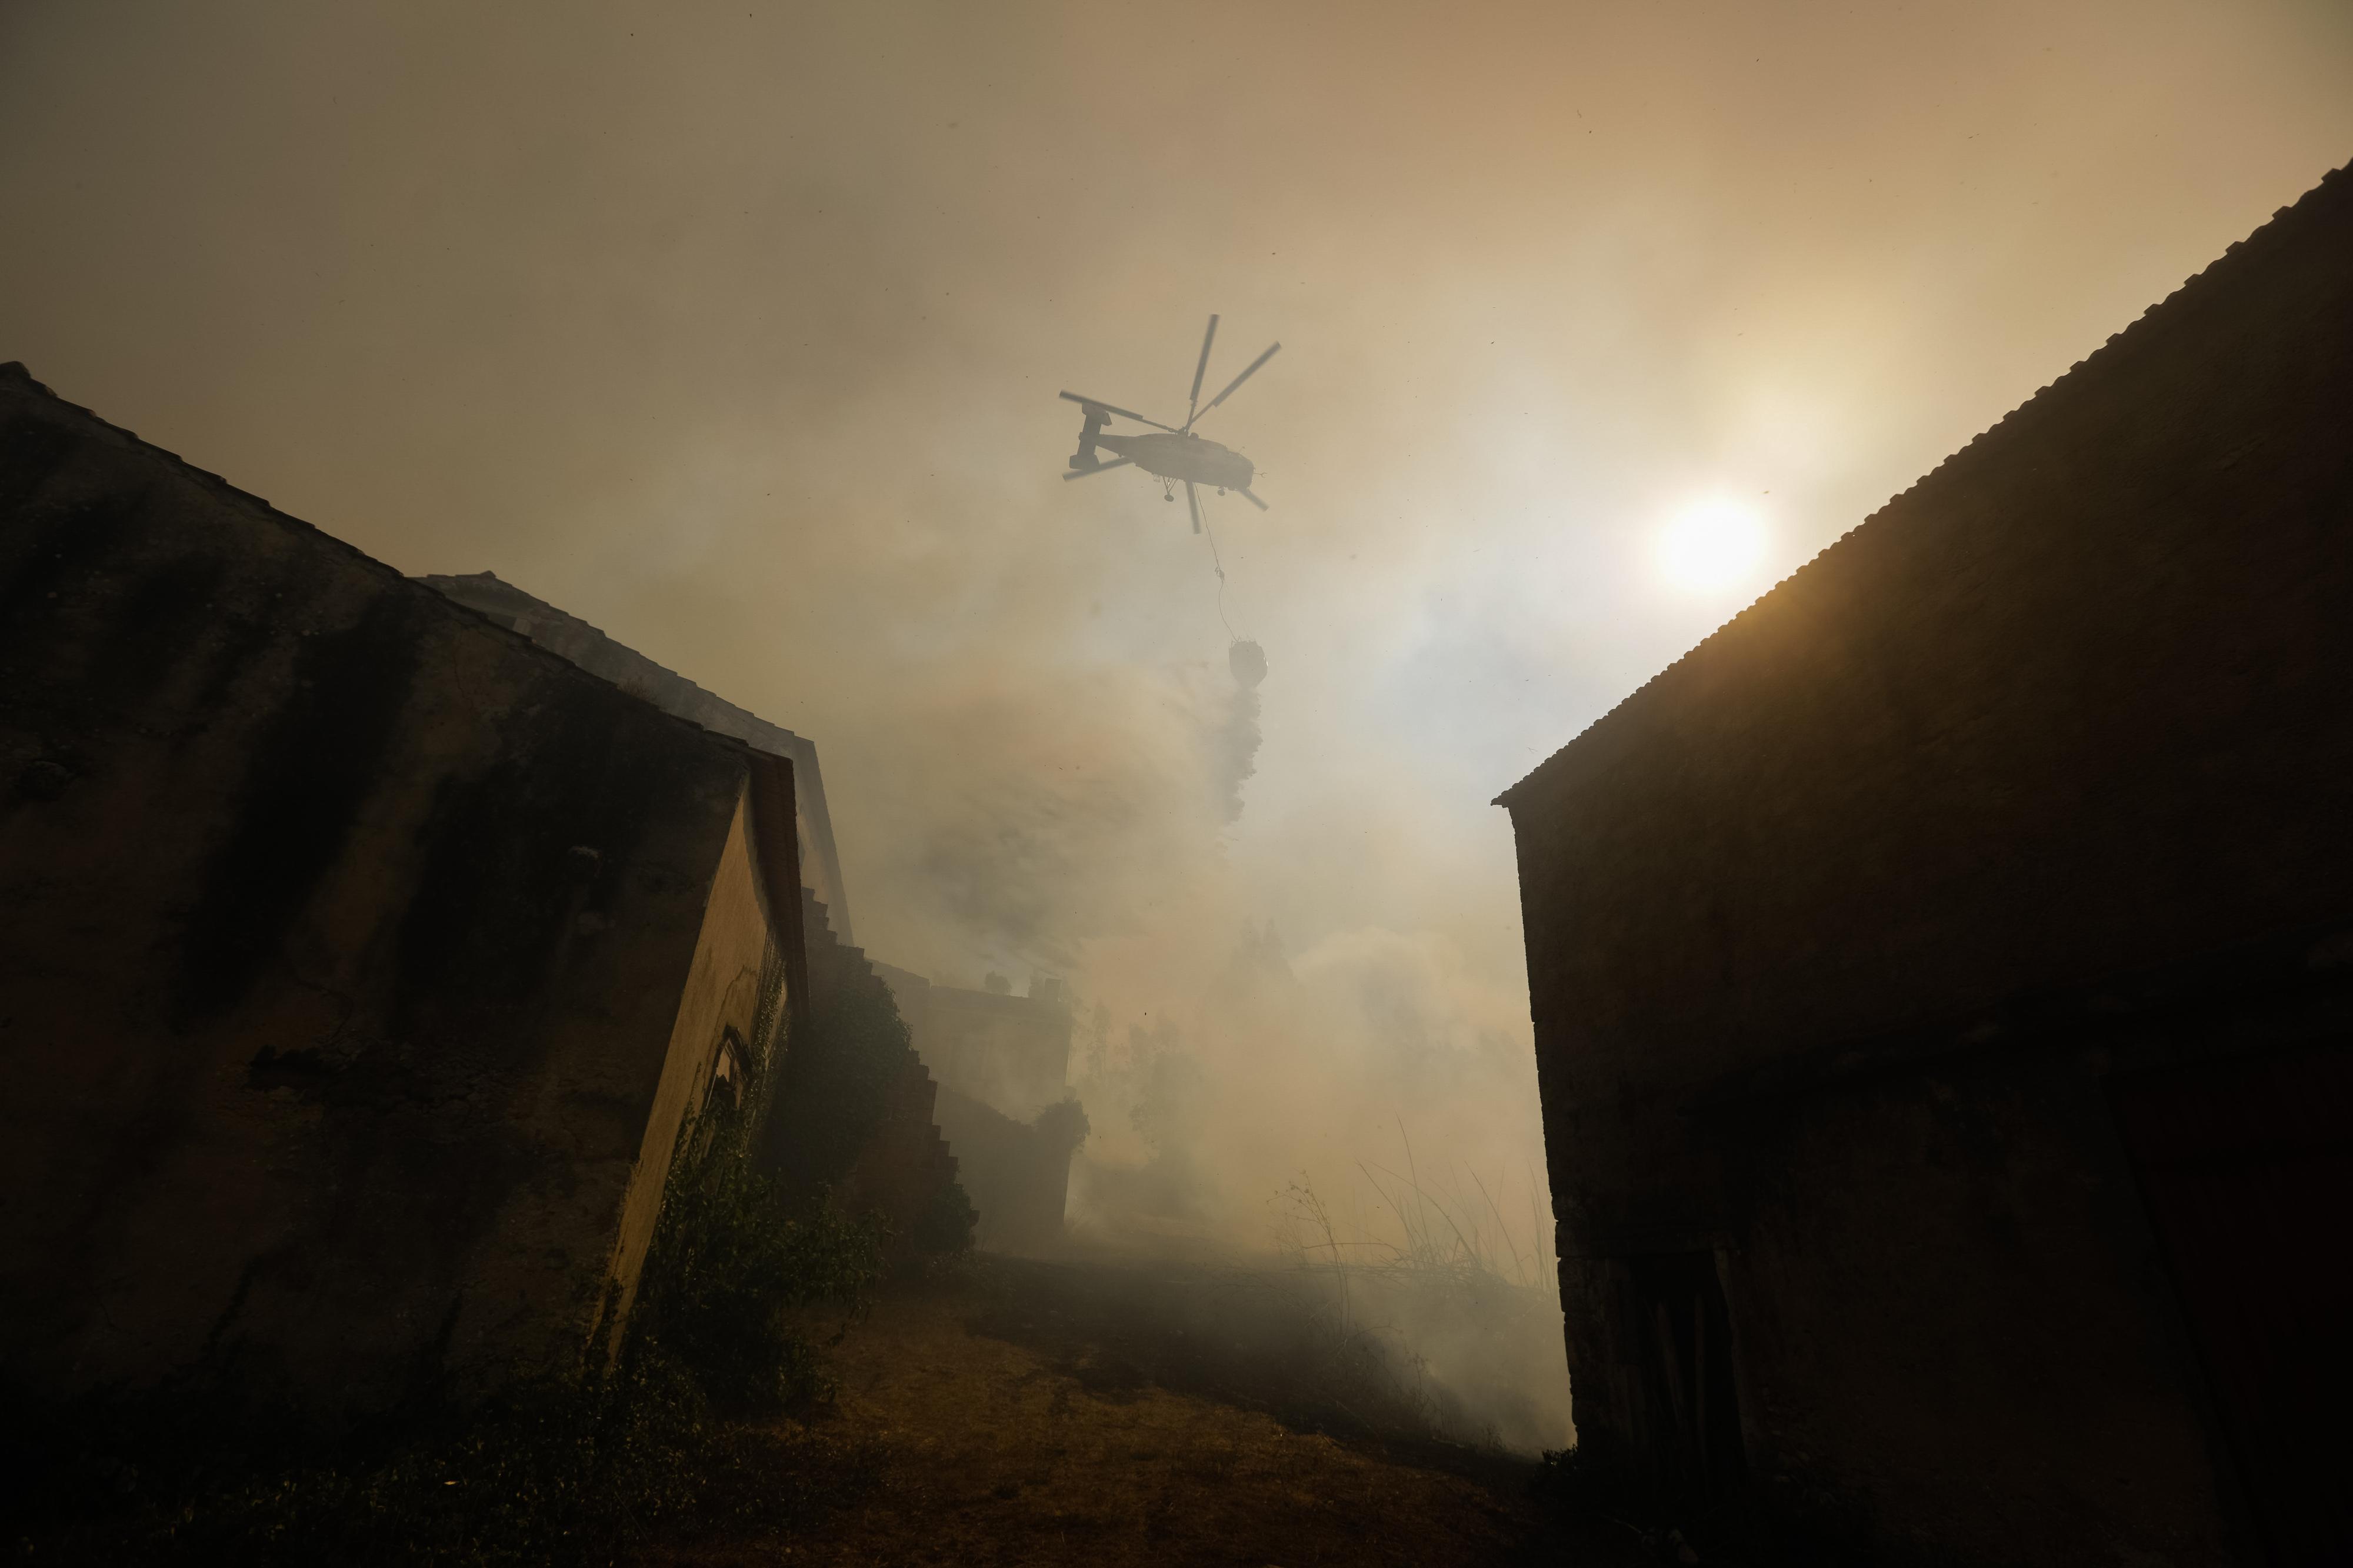 Ministério Público instaura inquérito à morte de piloto de helicóptero